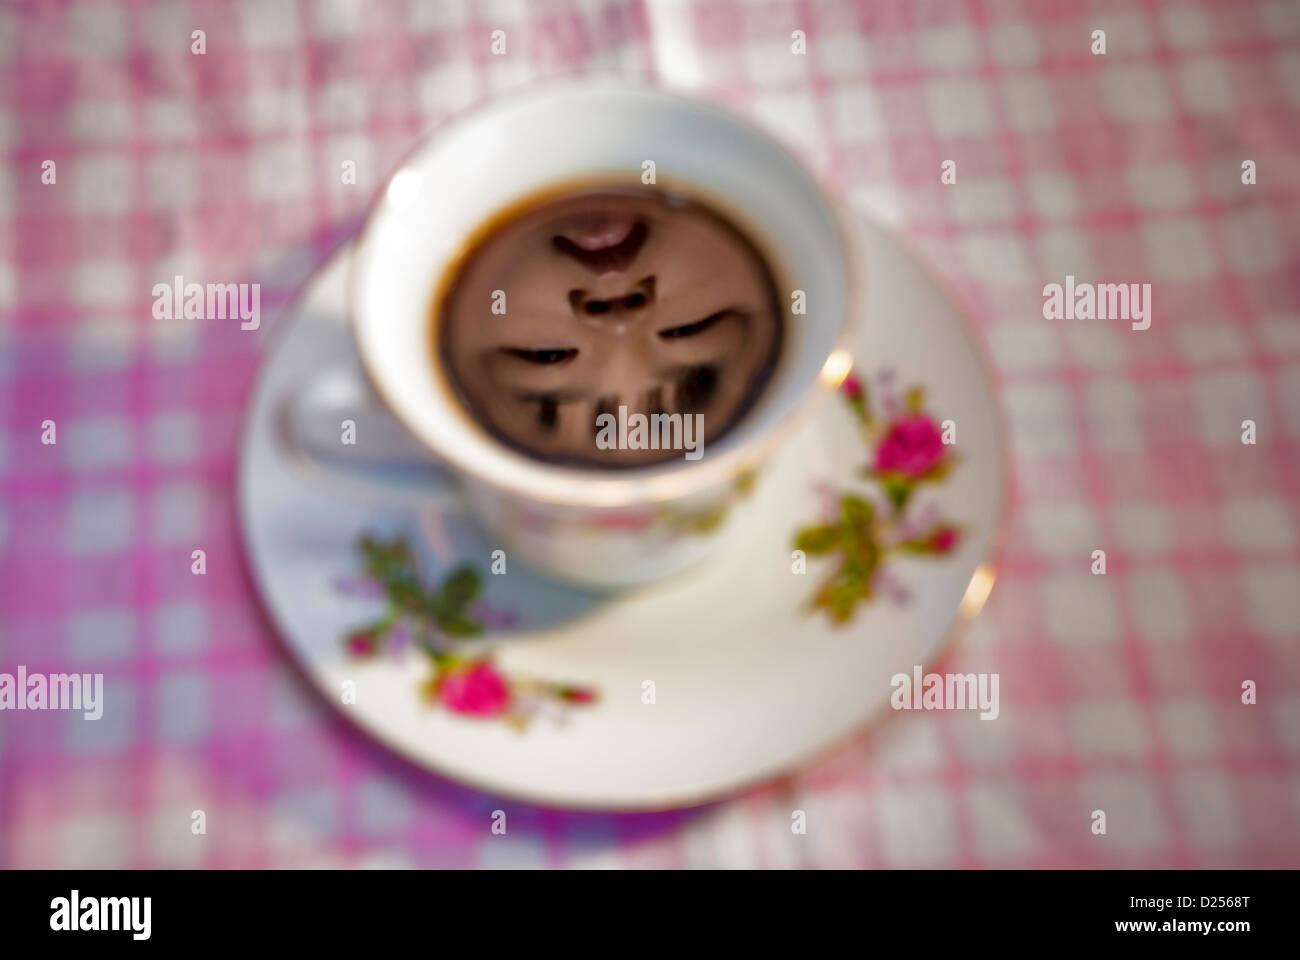 Tazza di caffè nero con la riflessione di un volto umano Immagini Stock